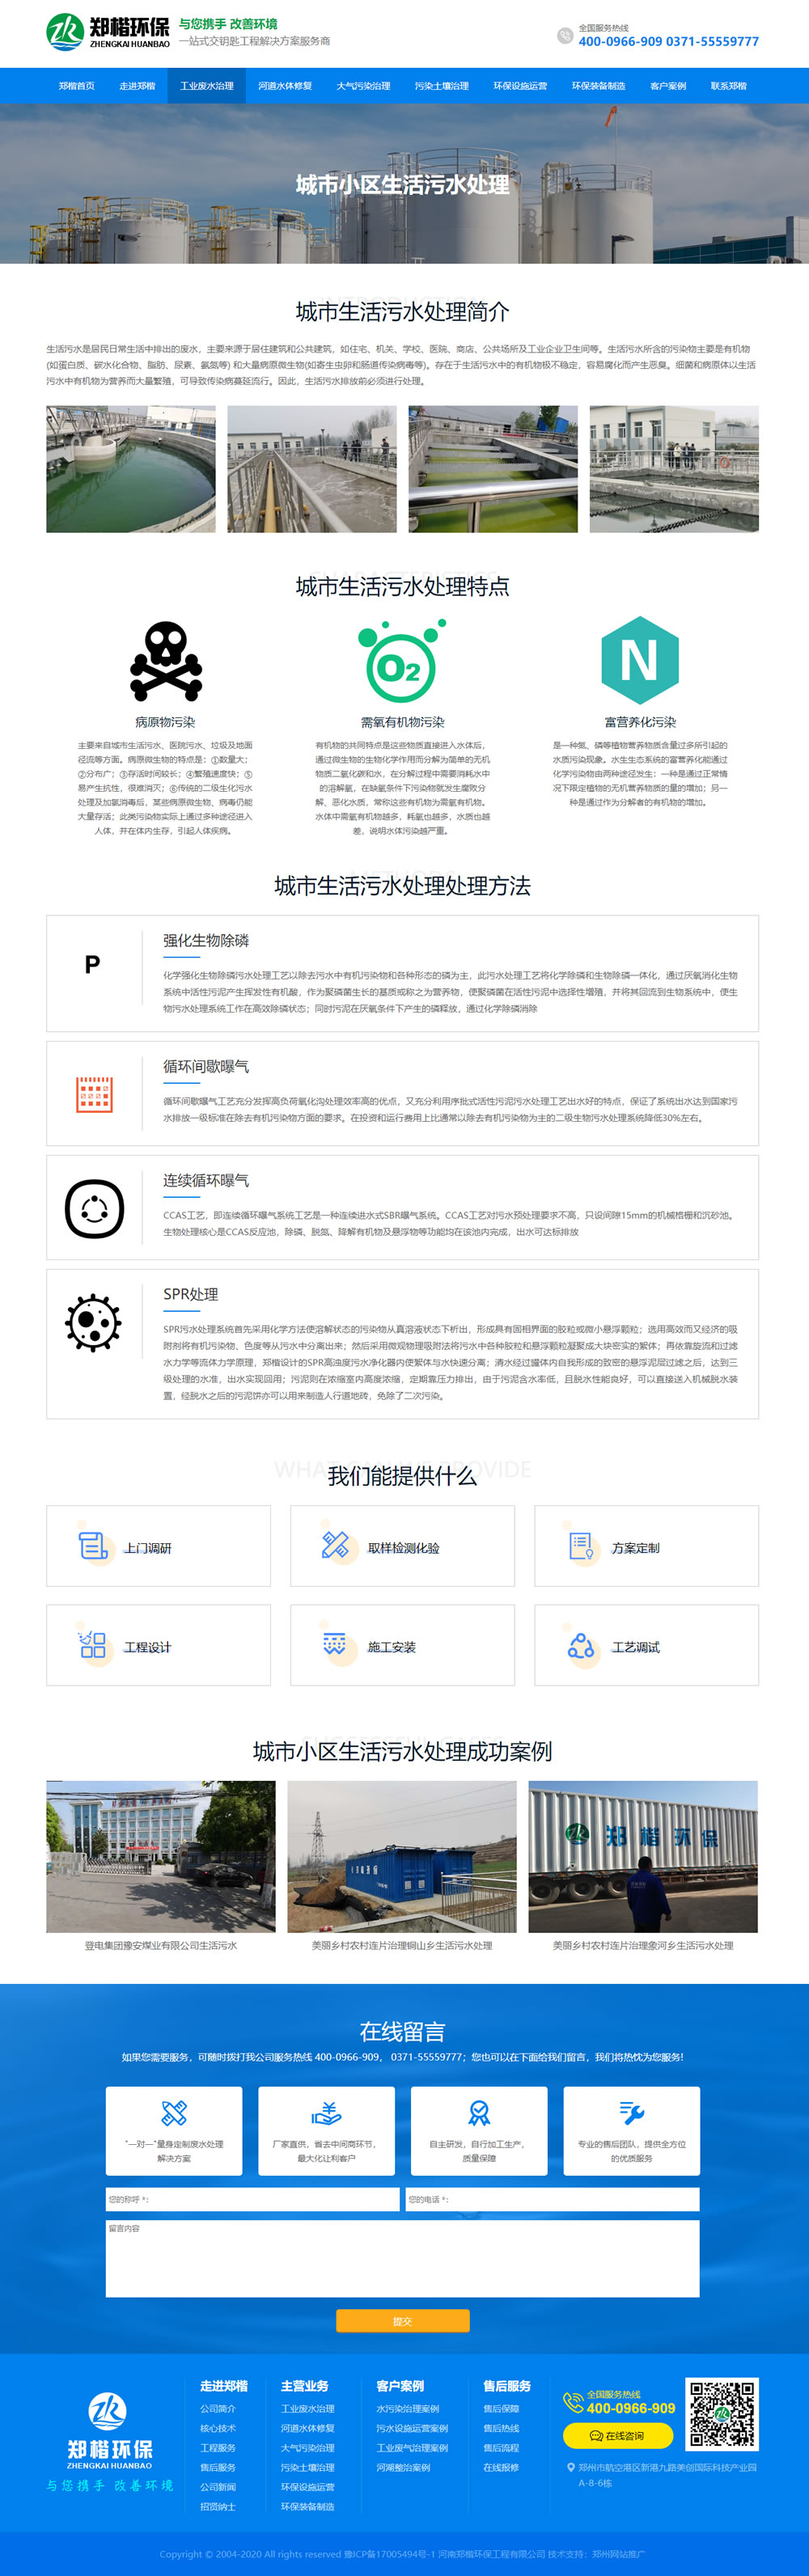 城市小区生活污水处理_河南郑楷环保工程有限公司.jpg